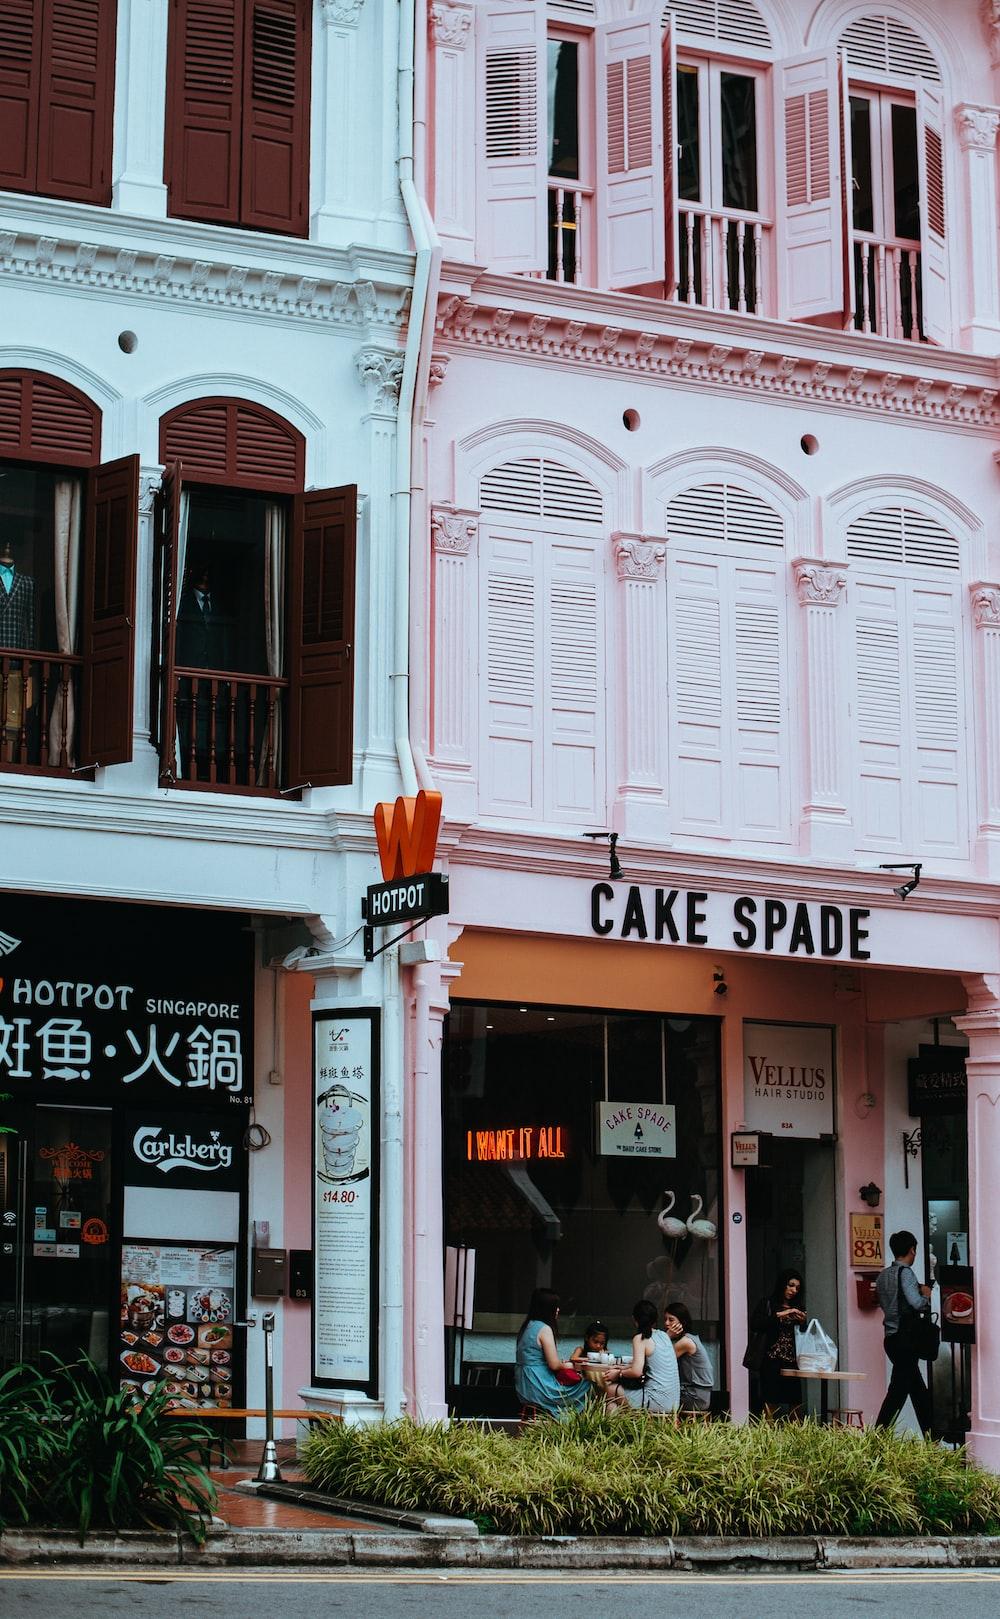 Cake Spade signage